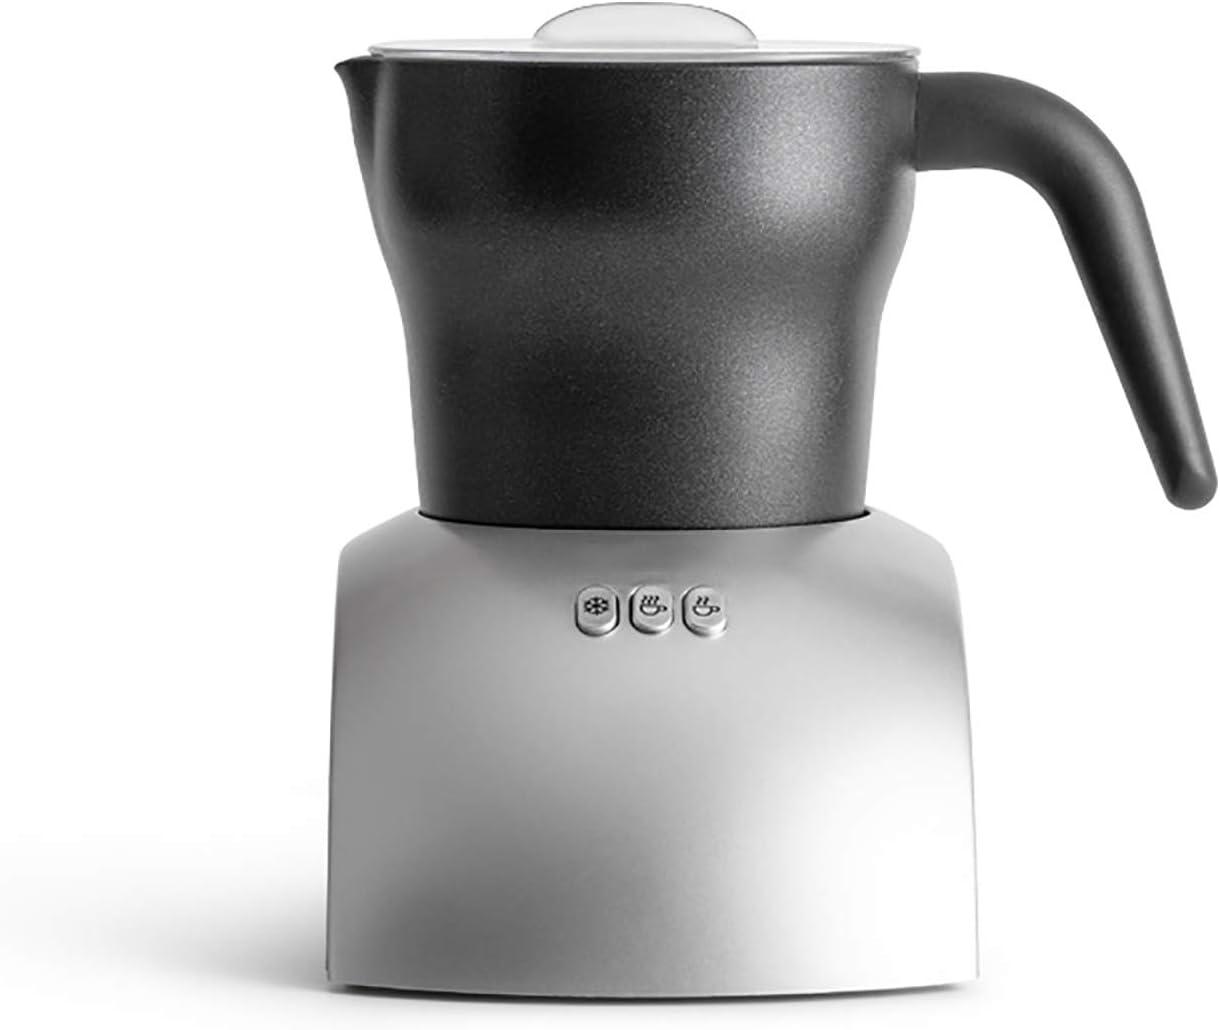 Máquina cocina Espumador leche eléctrico,para hacer espuma fría y caliente Vaporizador leche Calentador y calentador,Espumador café Calentador leche para hacer,Decoración café-Silver